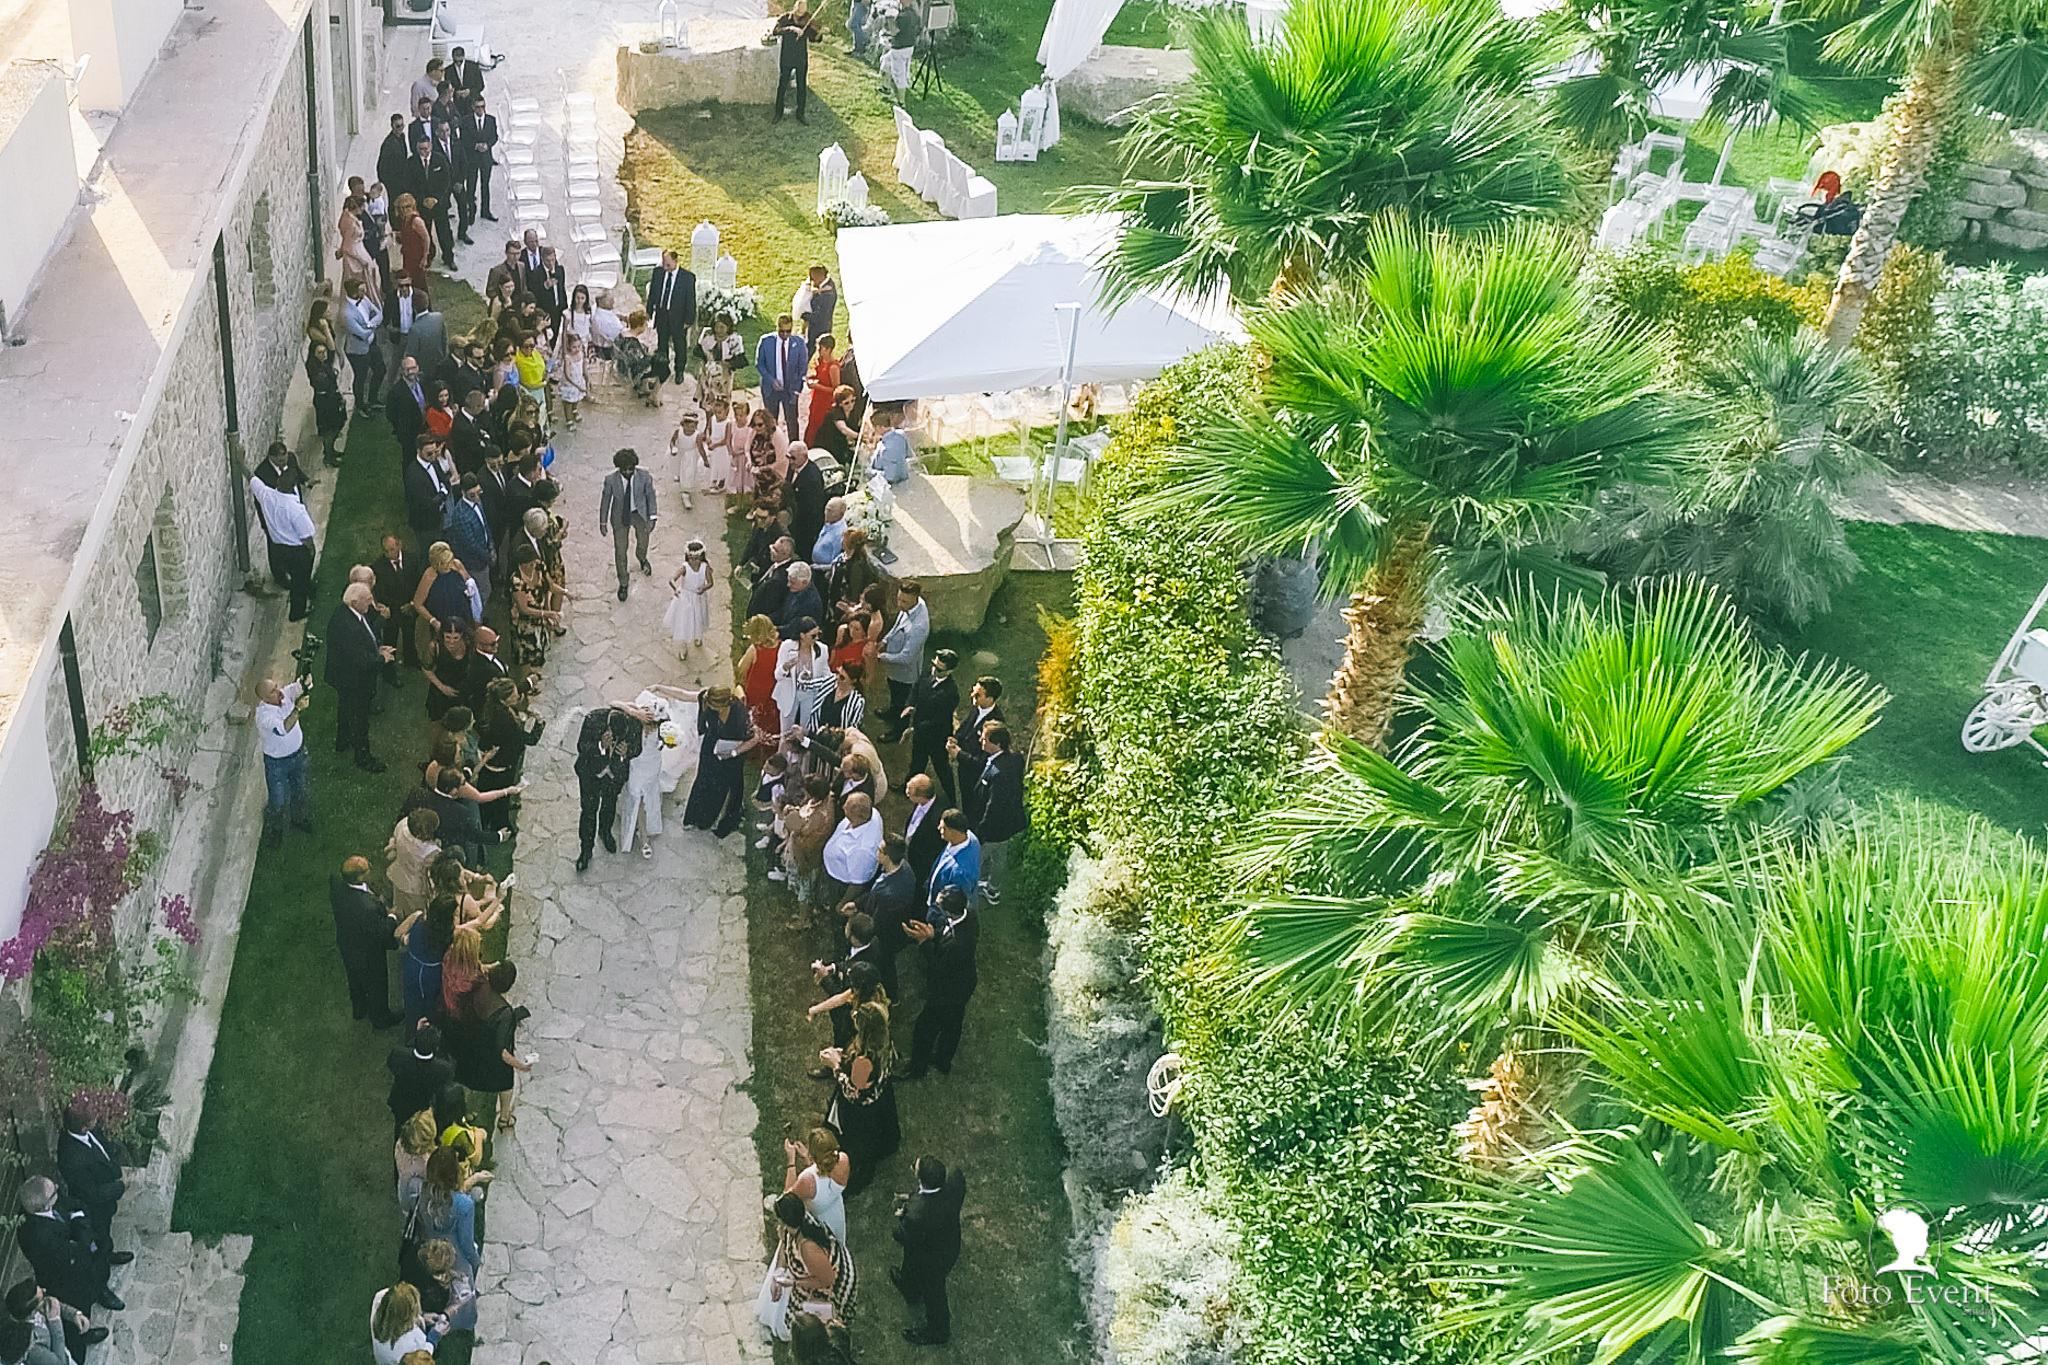 048-2019-06-12-Matrimonio-Angelo-e-Rosa-Ripellino-Feudo-Burrajotto-Grano-Lago-004.MP4_snapshot_02.31_2019.07.19_12.56.24